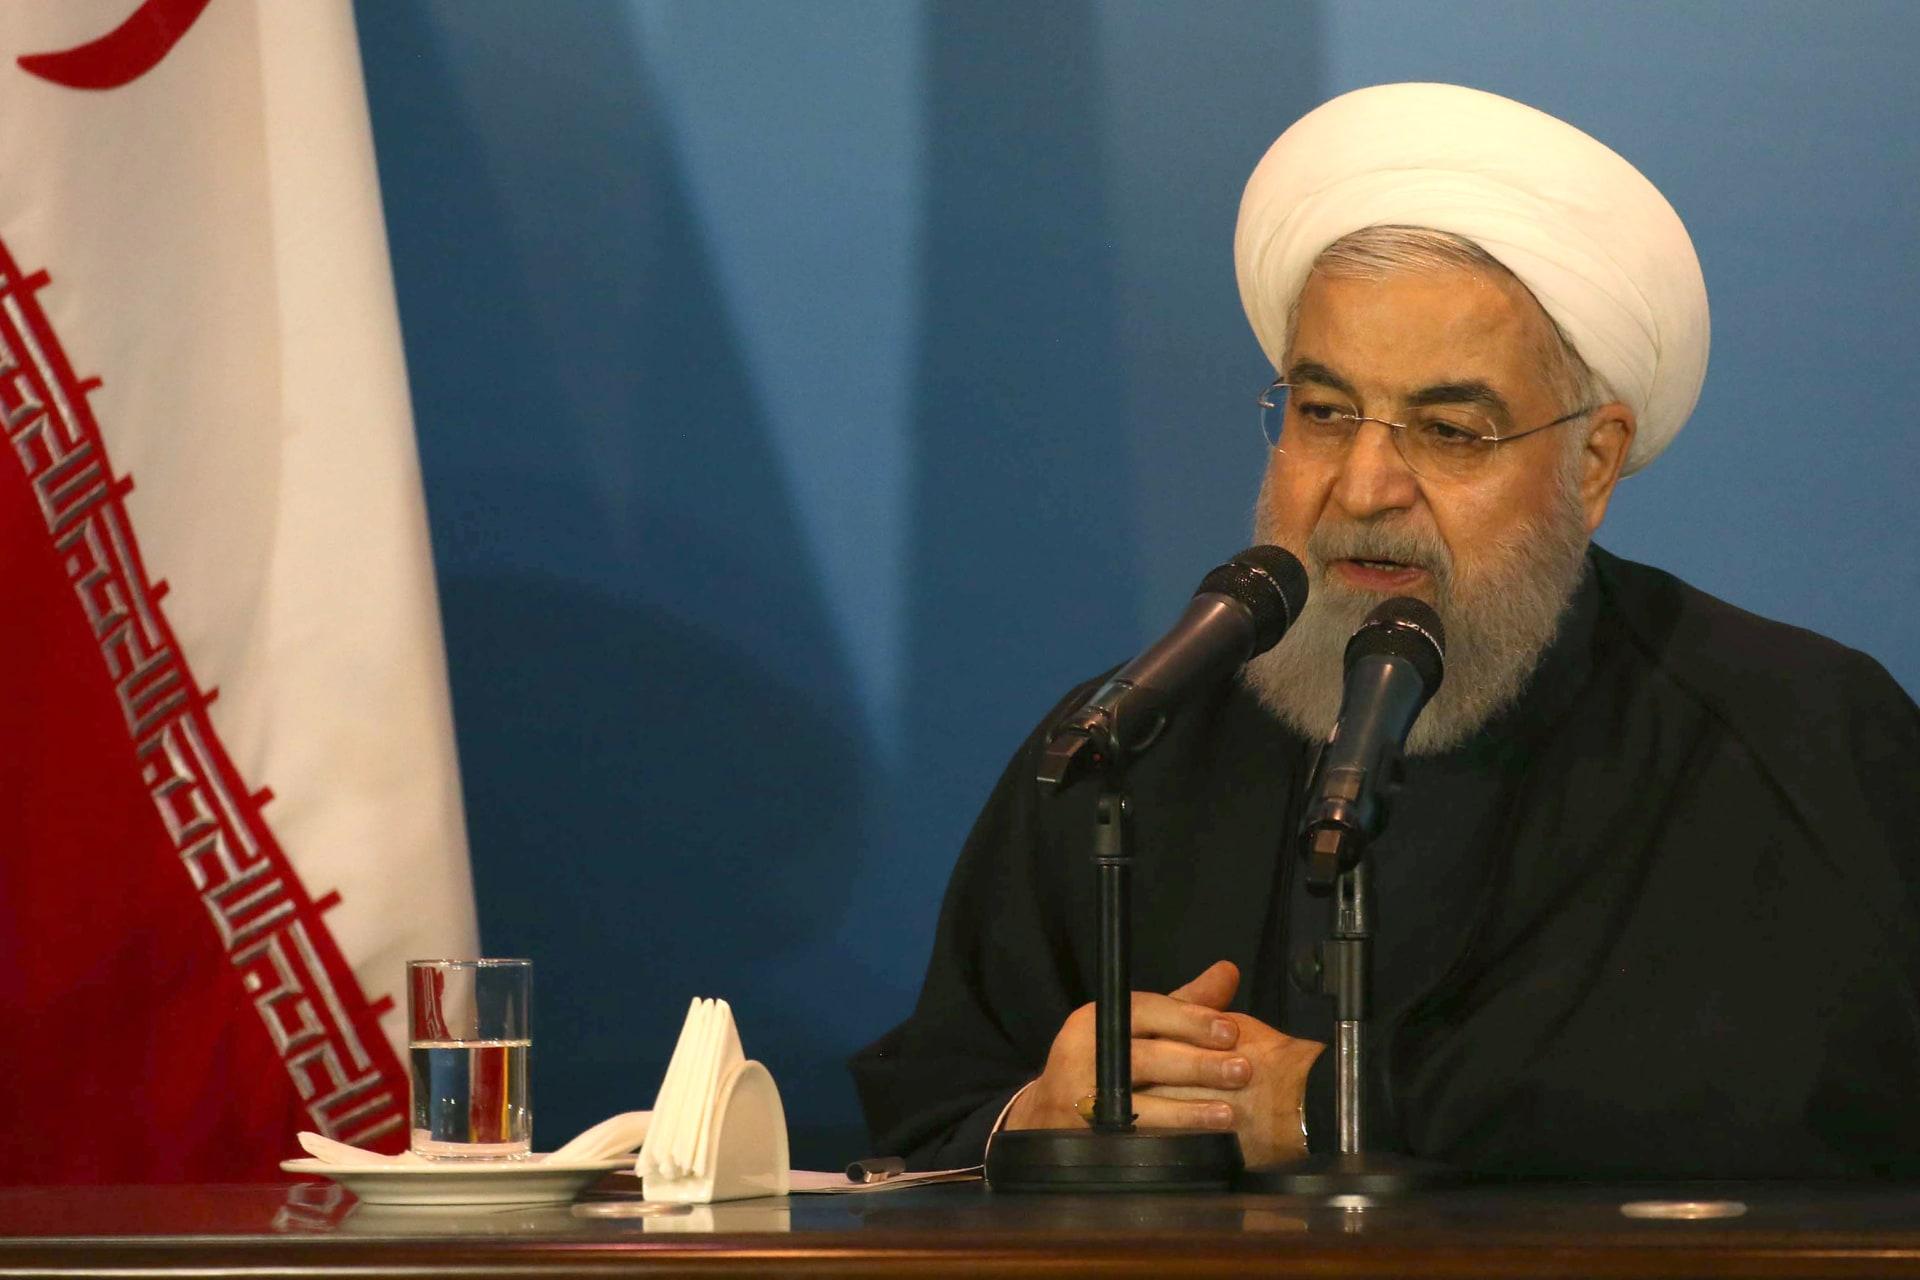 رسميا.. إيران تعلن تعليق بعض تعهداتها في الاتفاق النووي